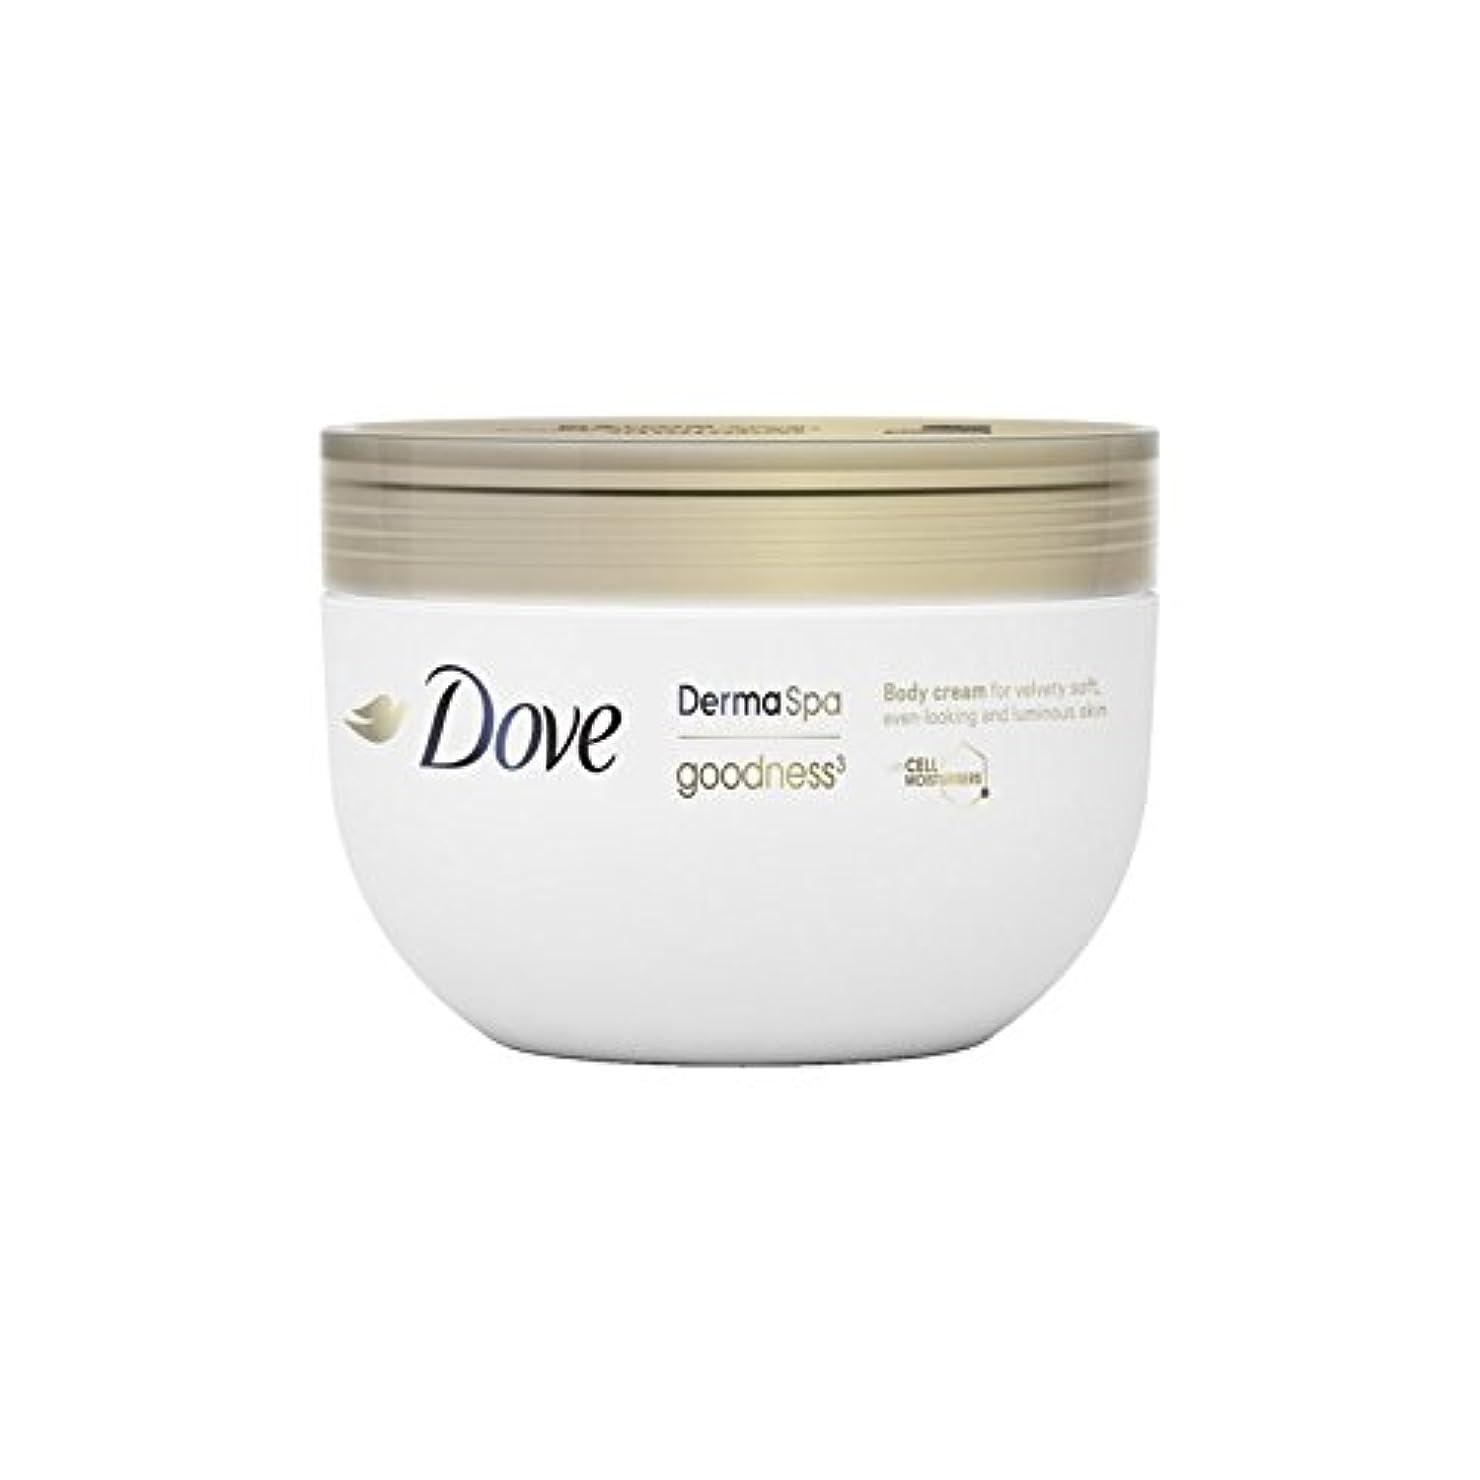 気を散らすエンジニアリング装備する鳩の3ボディクリーム(300ミリリットル) x2 - Dove DermaSpa Goodness3 Body Cream (300ml) (Pack of 2) [並行輸入品]